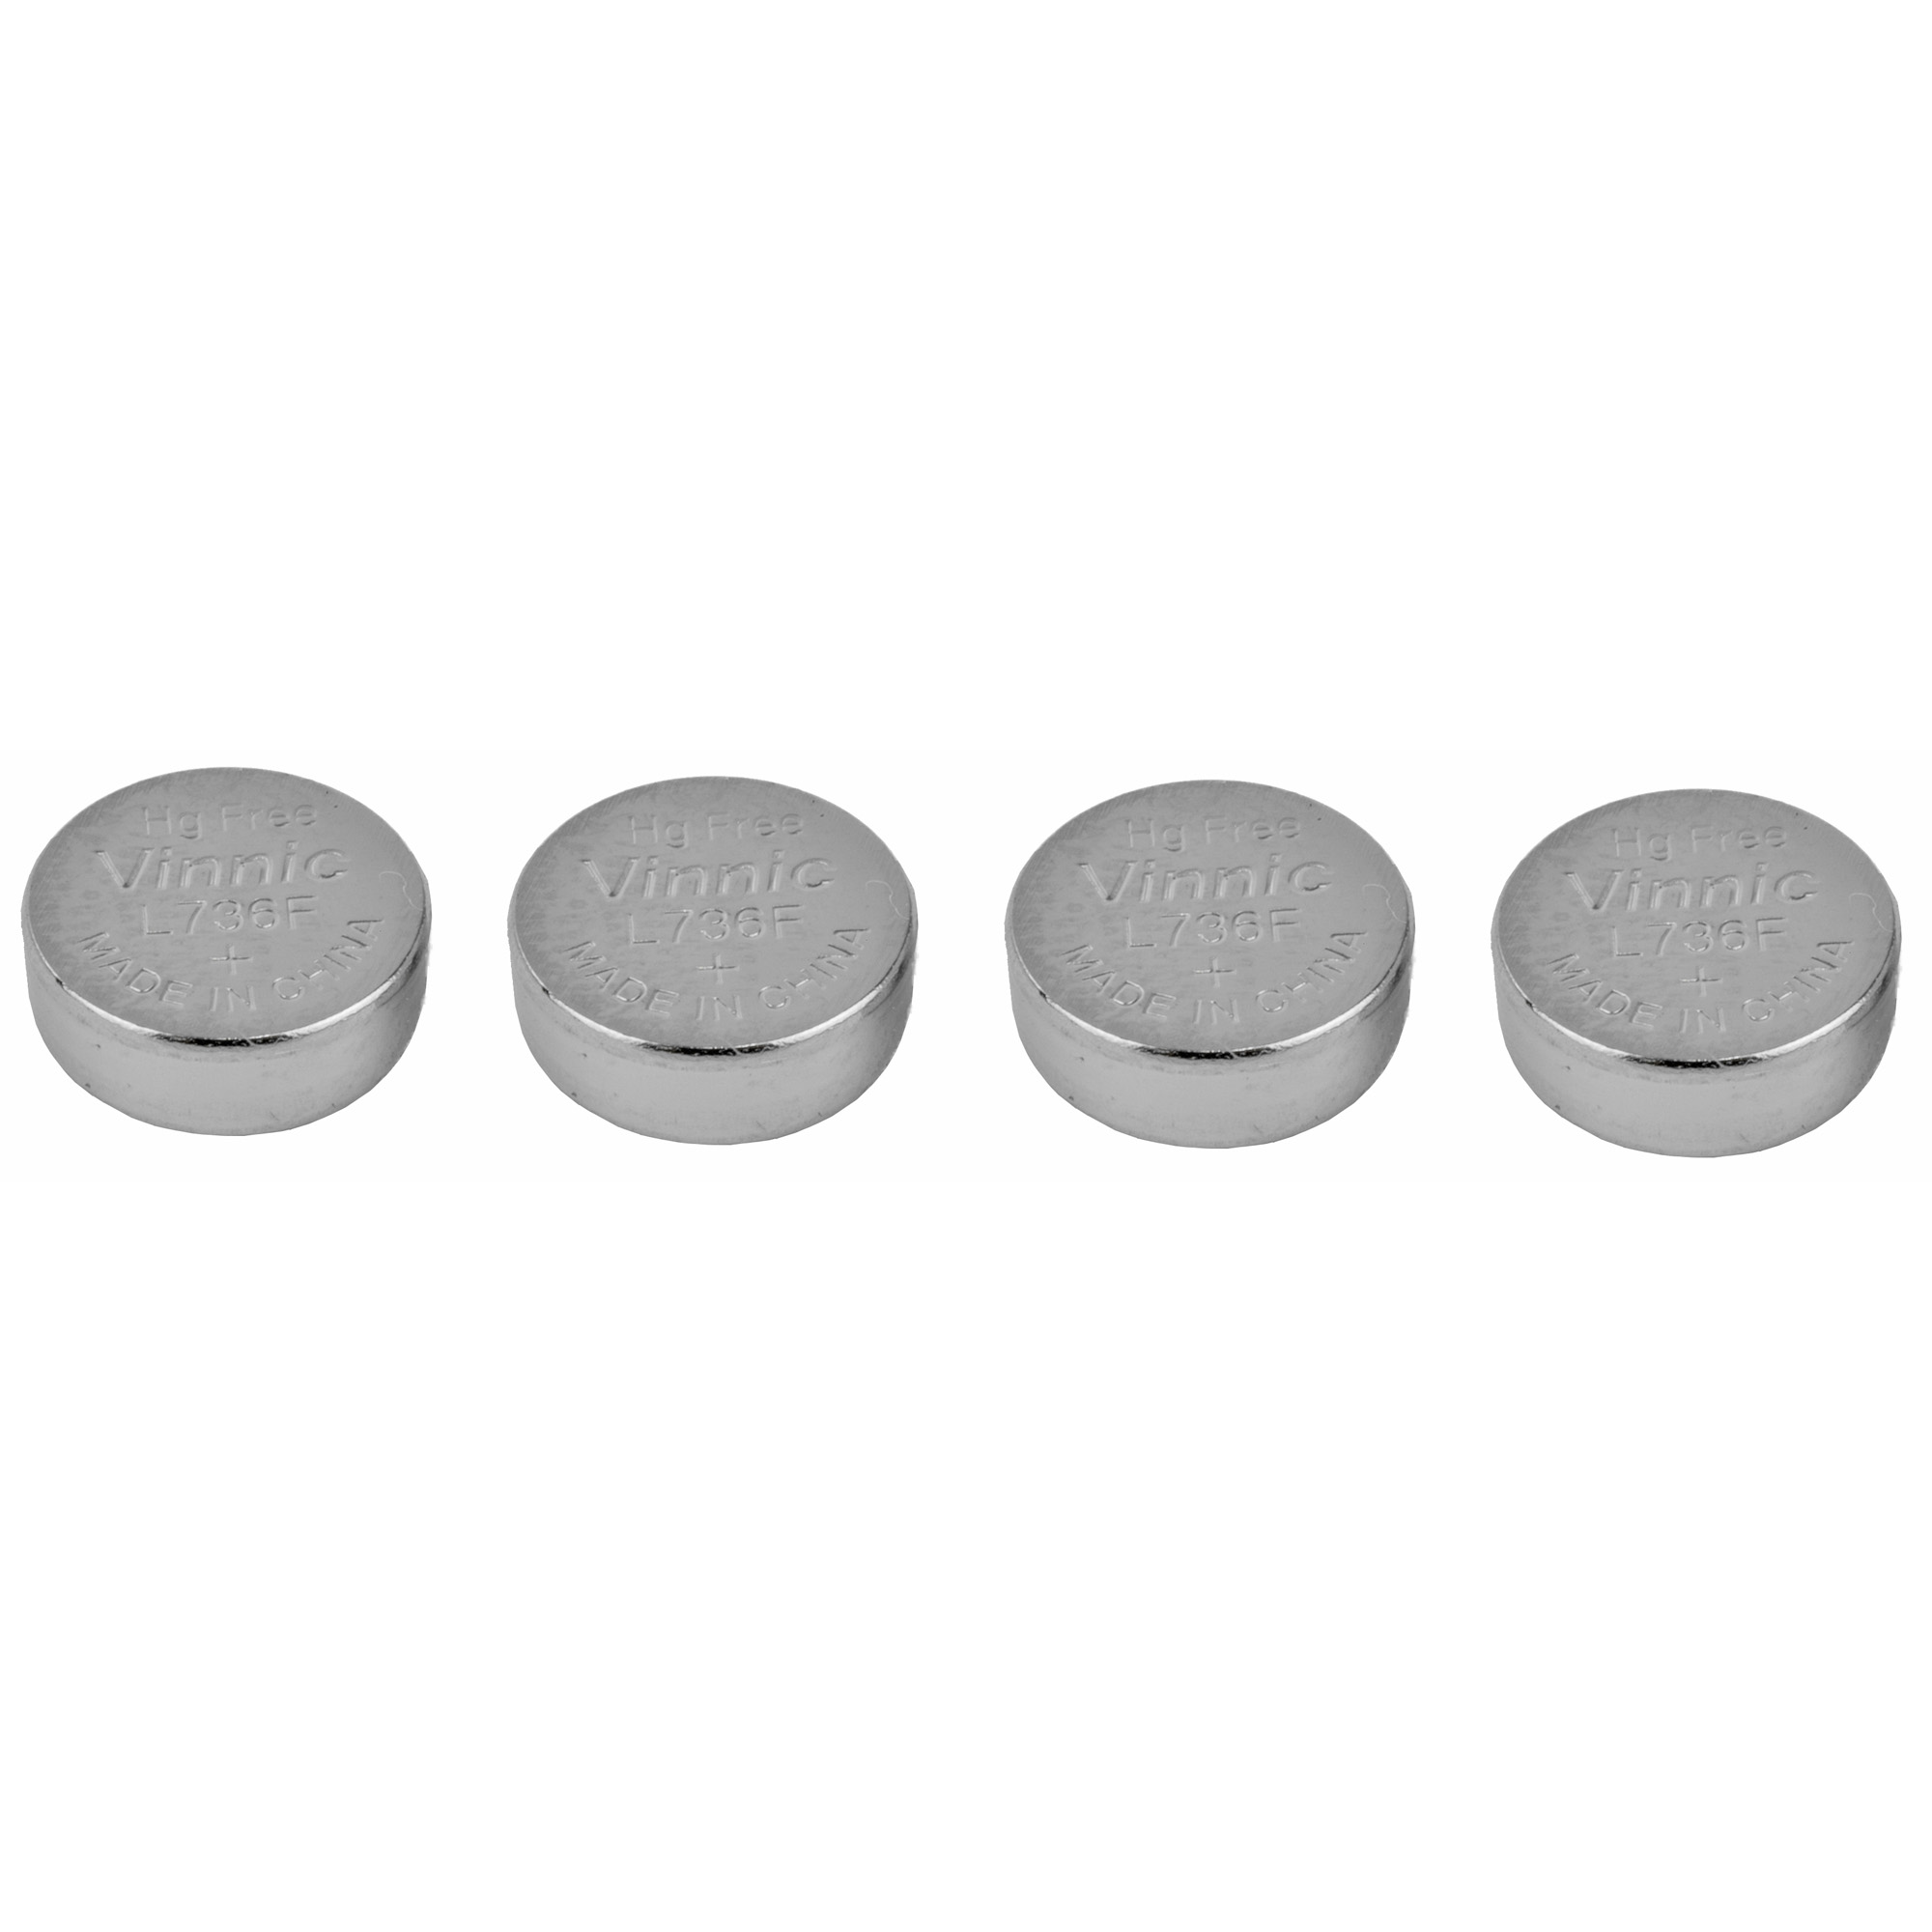 Strmlght Nano Battery 4pk